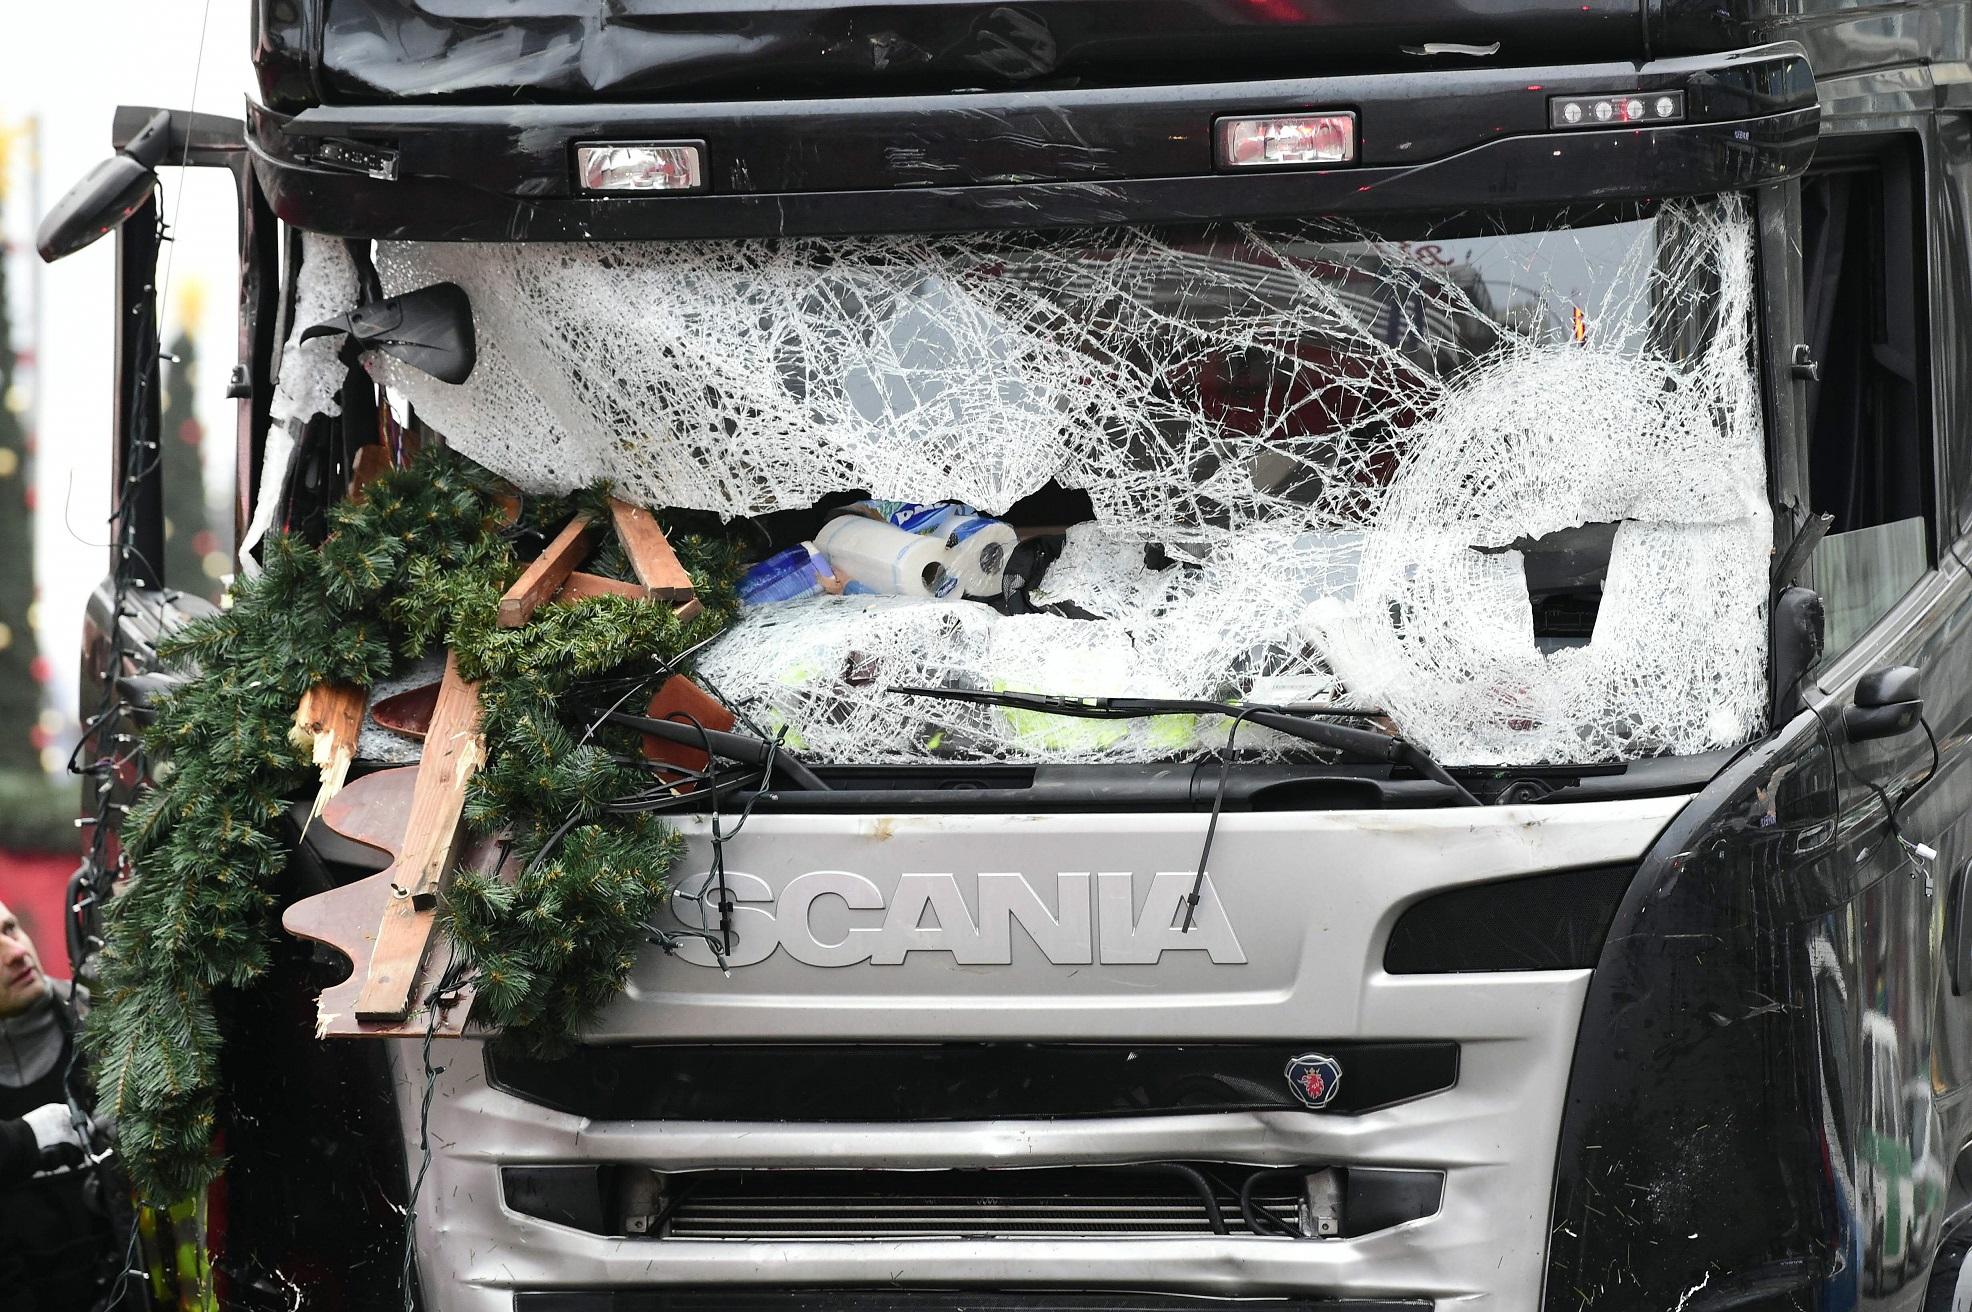 Imagem do caminhão usado no ato que destruiu um dos mercados de Natal de Berlim. Foto de Tobias Schwarz